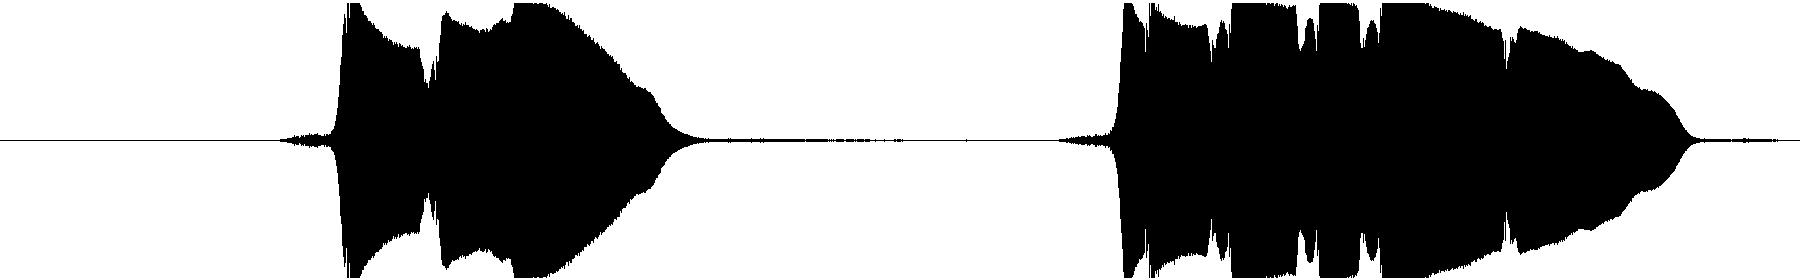 saxsoloa 6